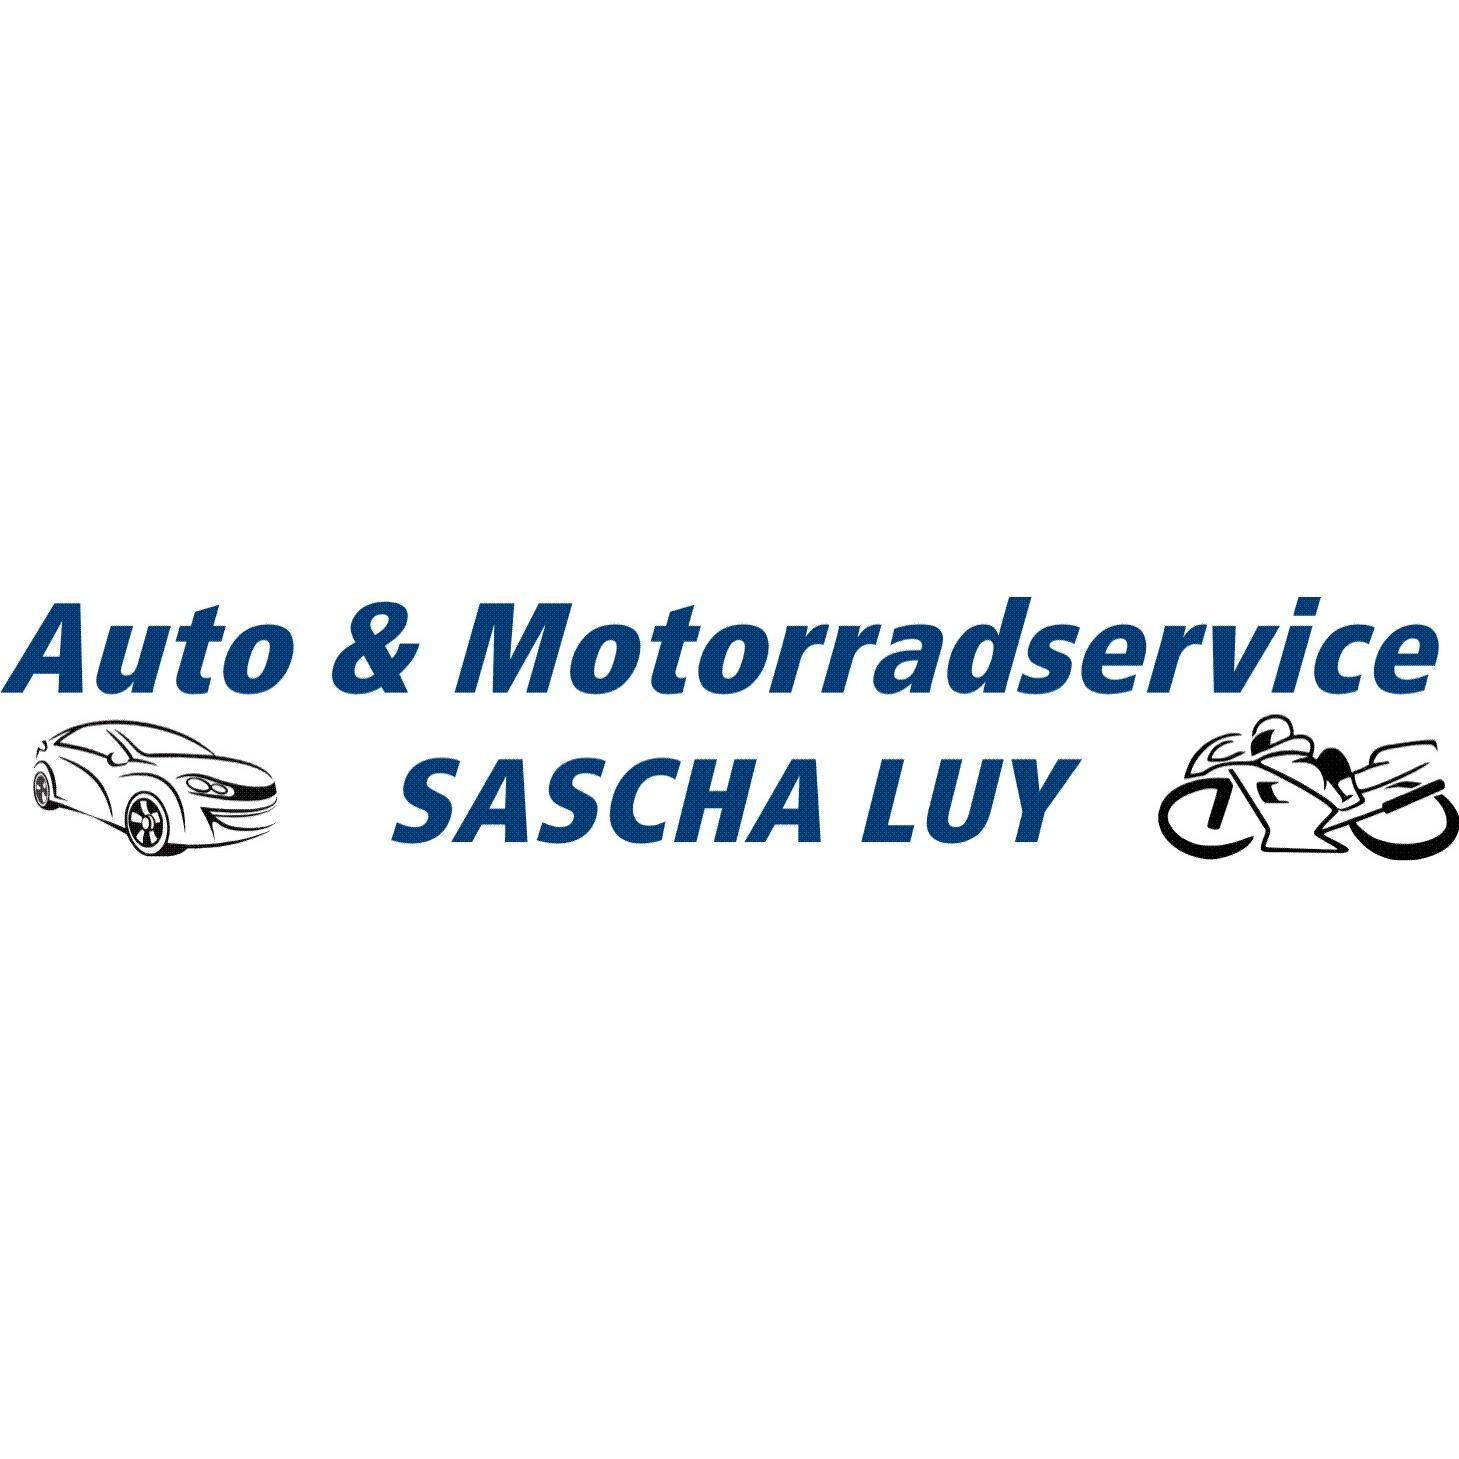 Bild zu Auto- und Motorradservice Sascha Luy Köln in Köln